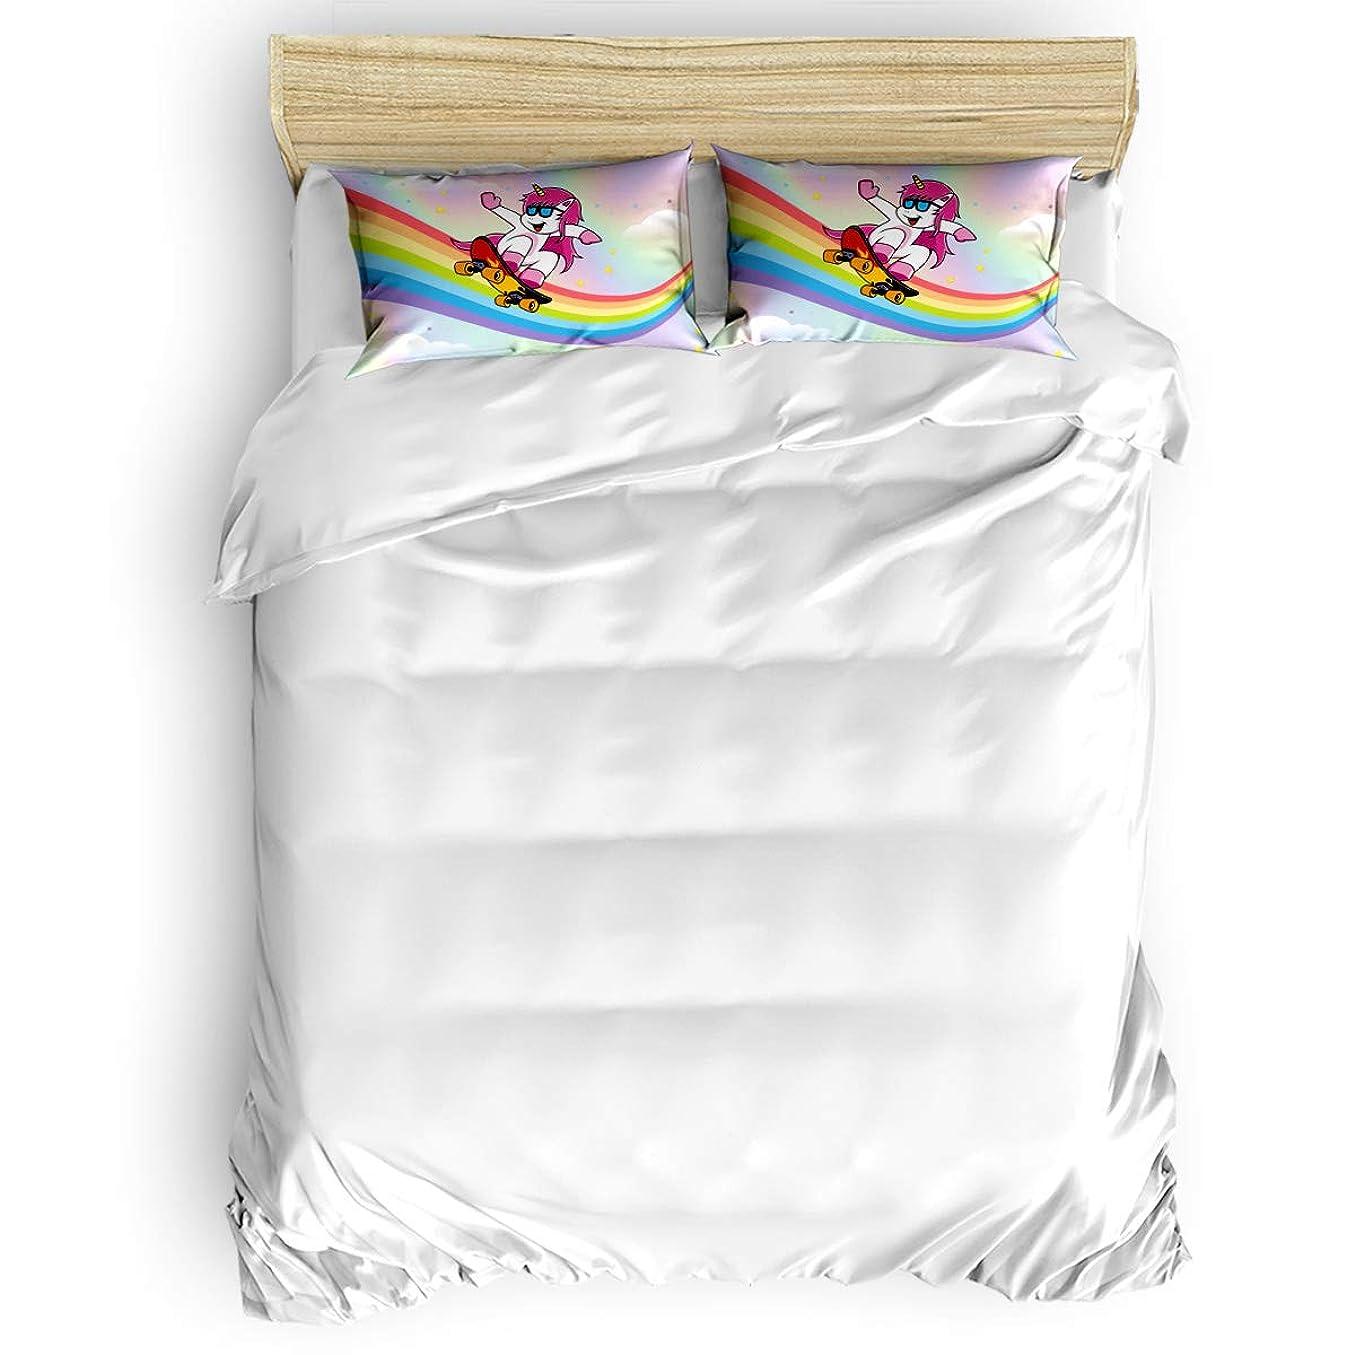 キャンペーンインカ帝国安心させる掛け布団カバー 4点セット 虹 ユニコン 星 雲 寝具カバーセット ベッド用 べッドシーツ 枕カバー 洋式 和式兼用 布団カバー 肌に優しい 羽毛布団セット 100%ポリエステル クイーン